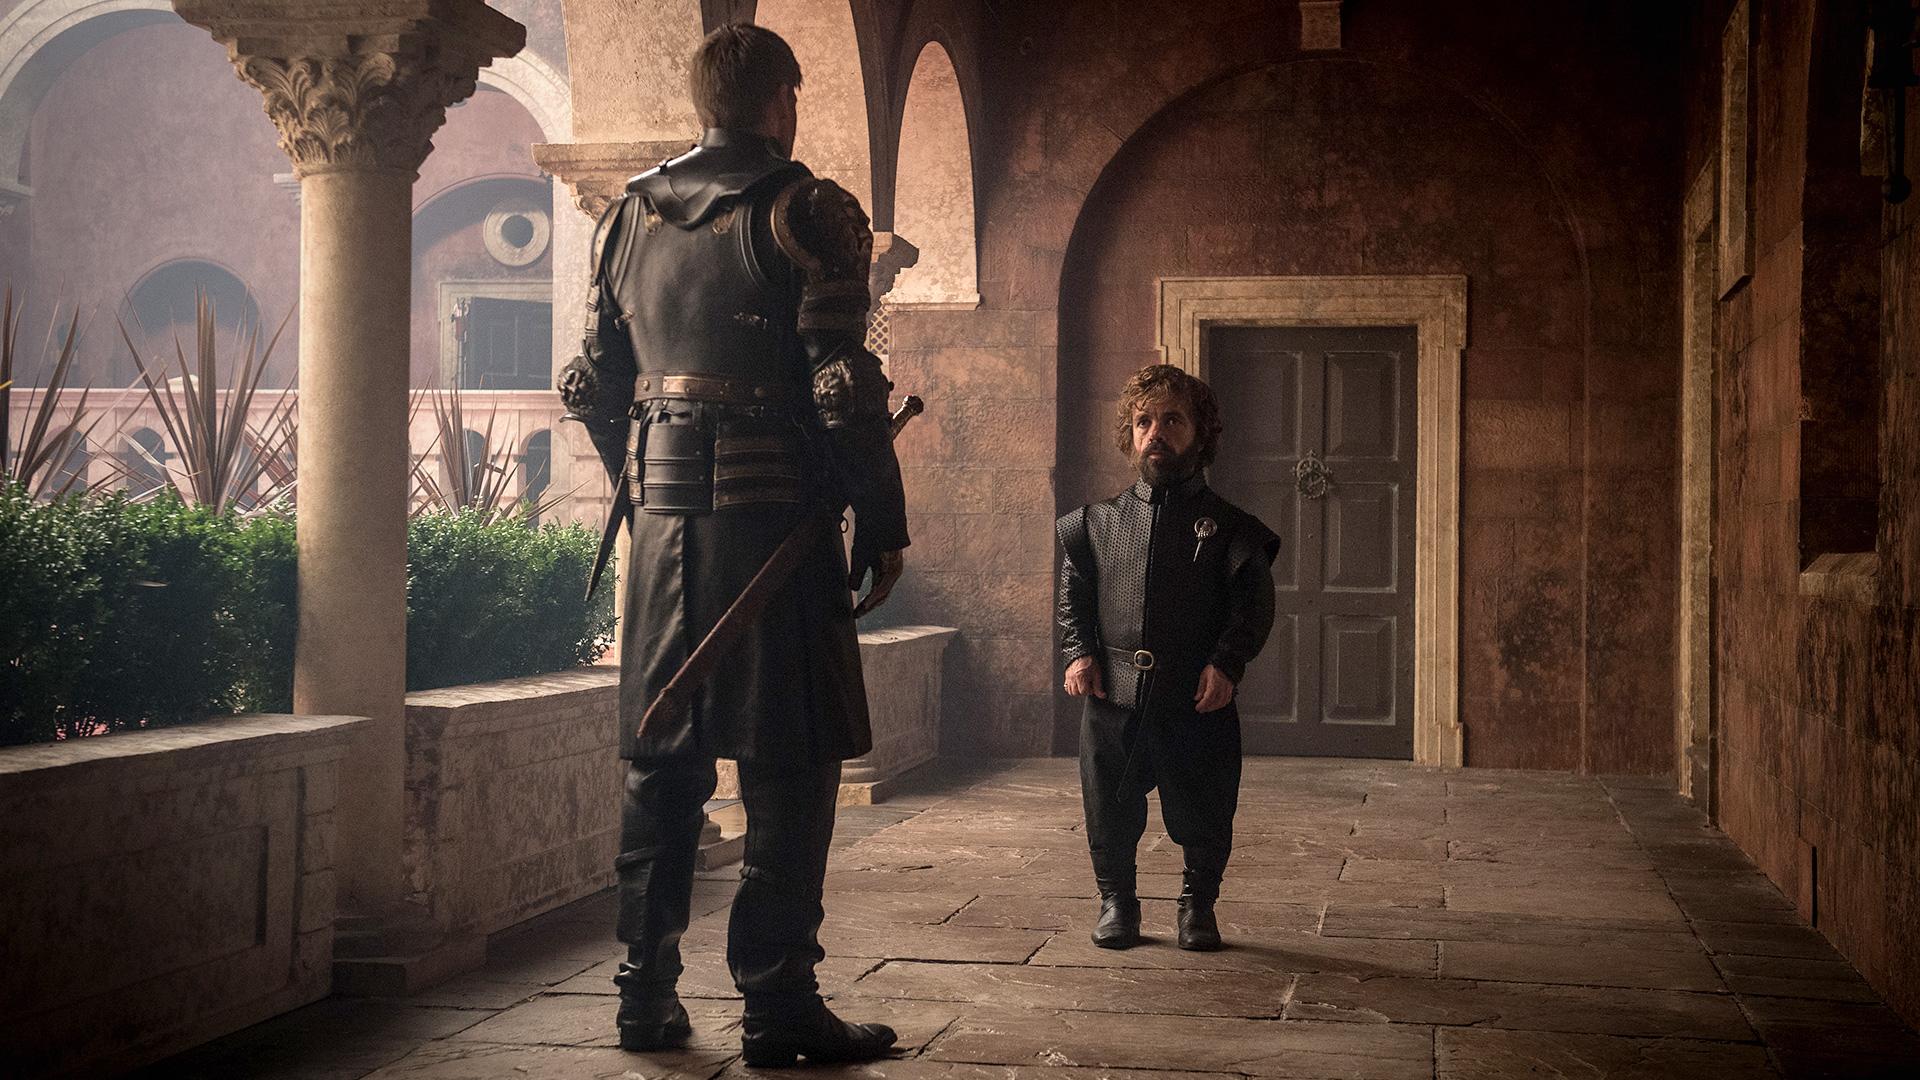 Jaime Tyrion